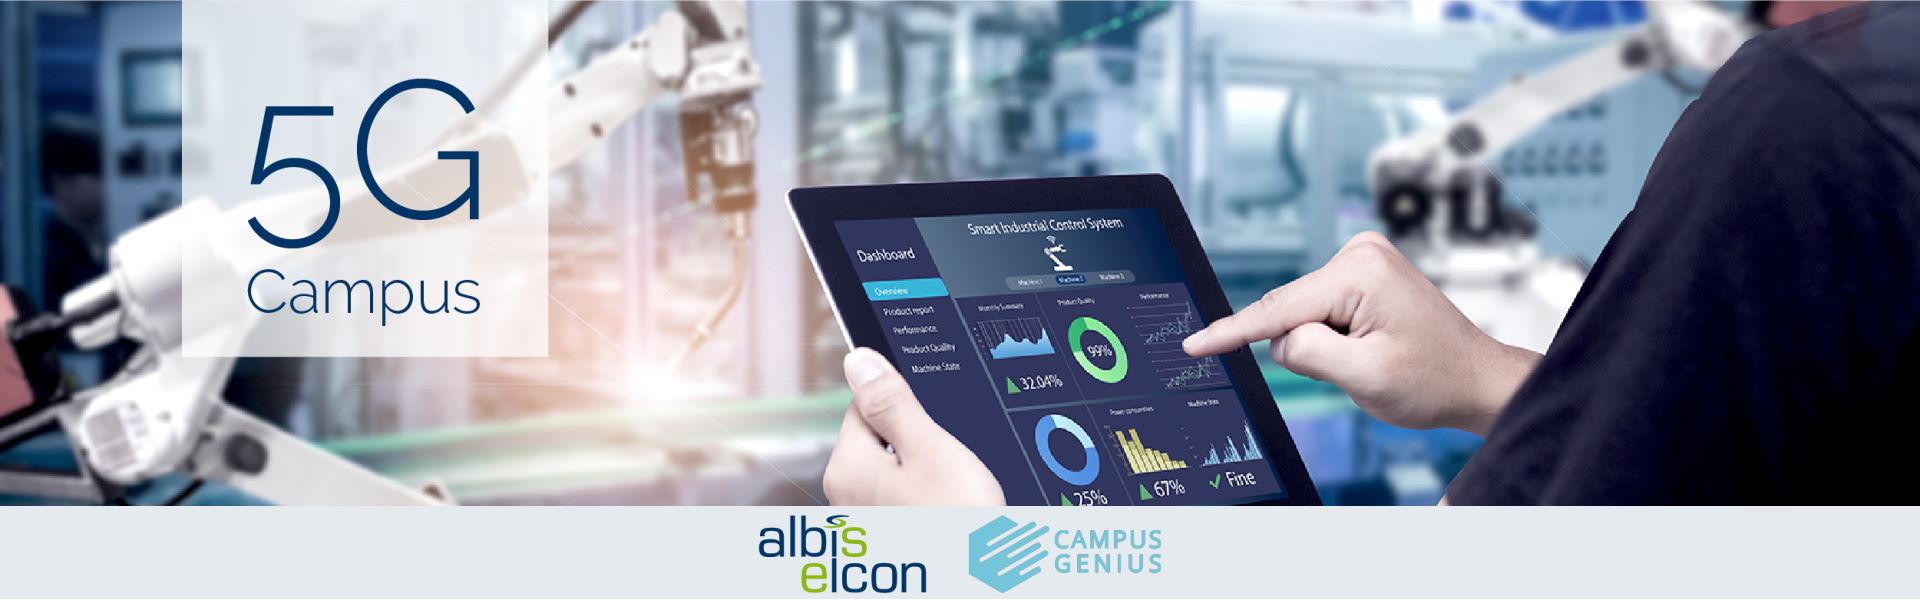 Strategic Partnership: albis-elcon and CampusGenius